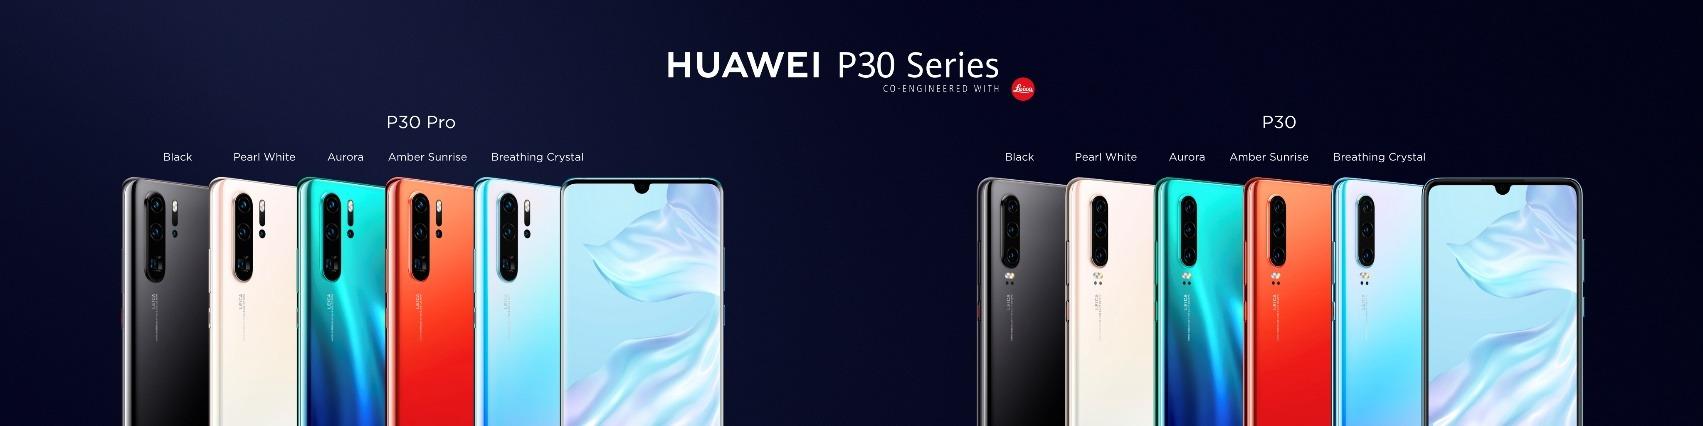 HUAWEI P30 y HUAWEI P30 Pro series